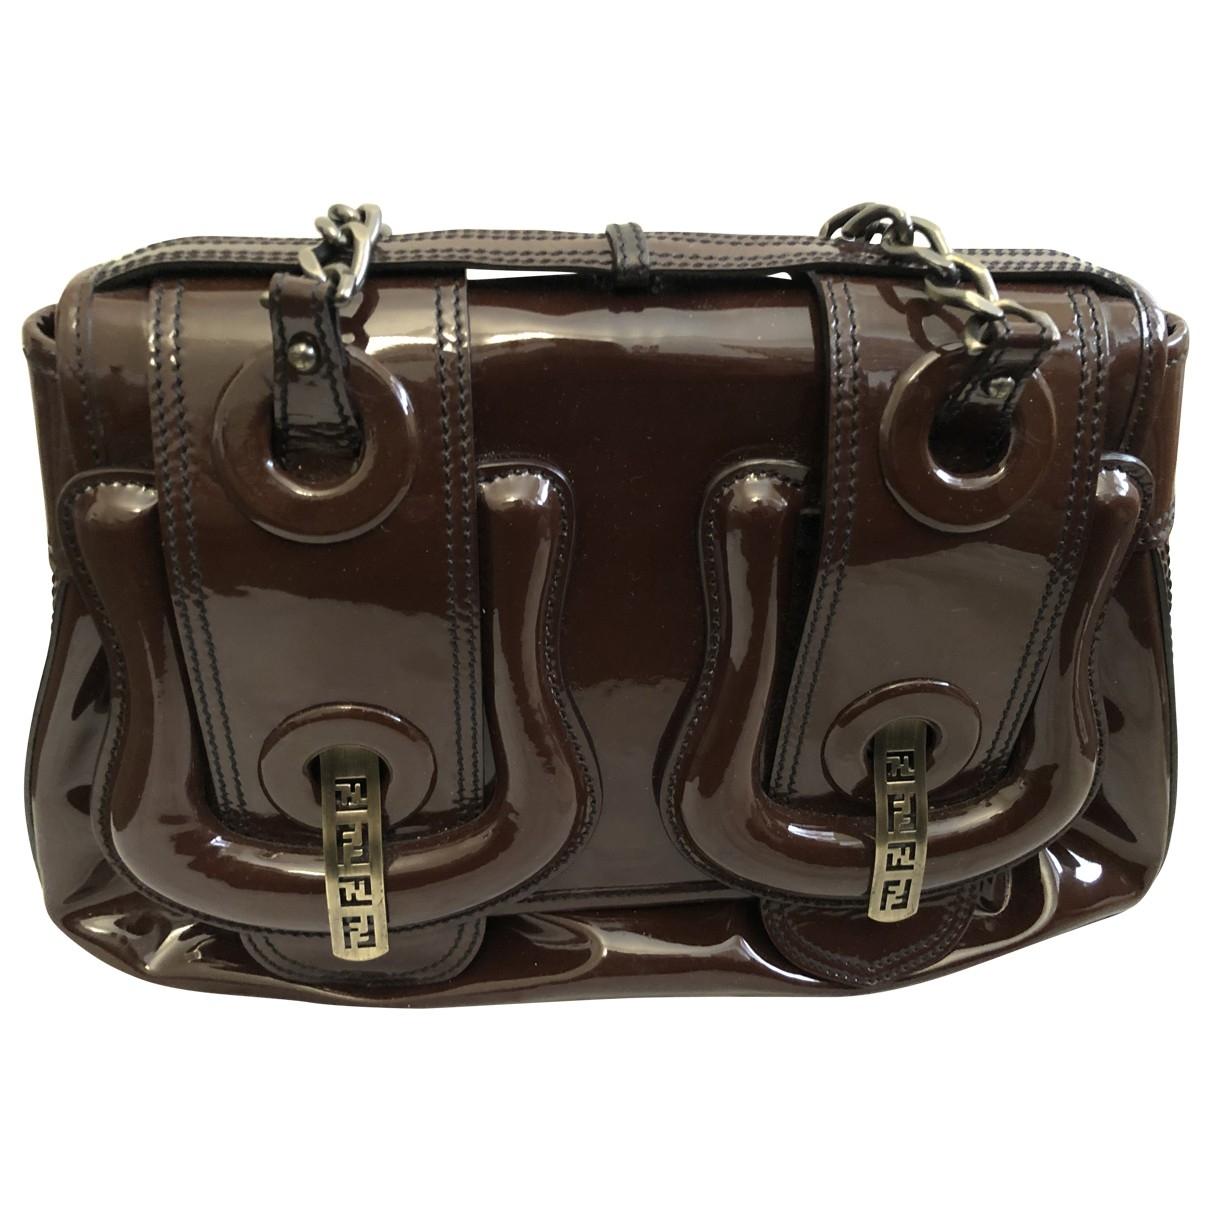 Fendi B Bag Handtasche in  Braun Lackleder